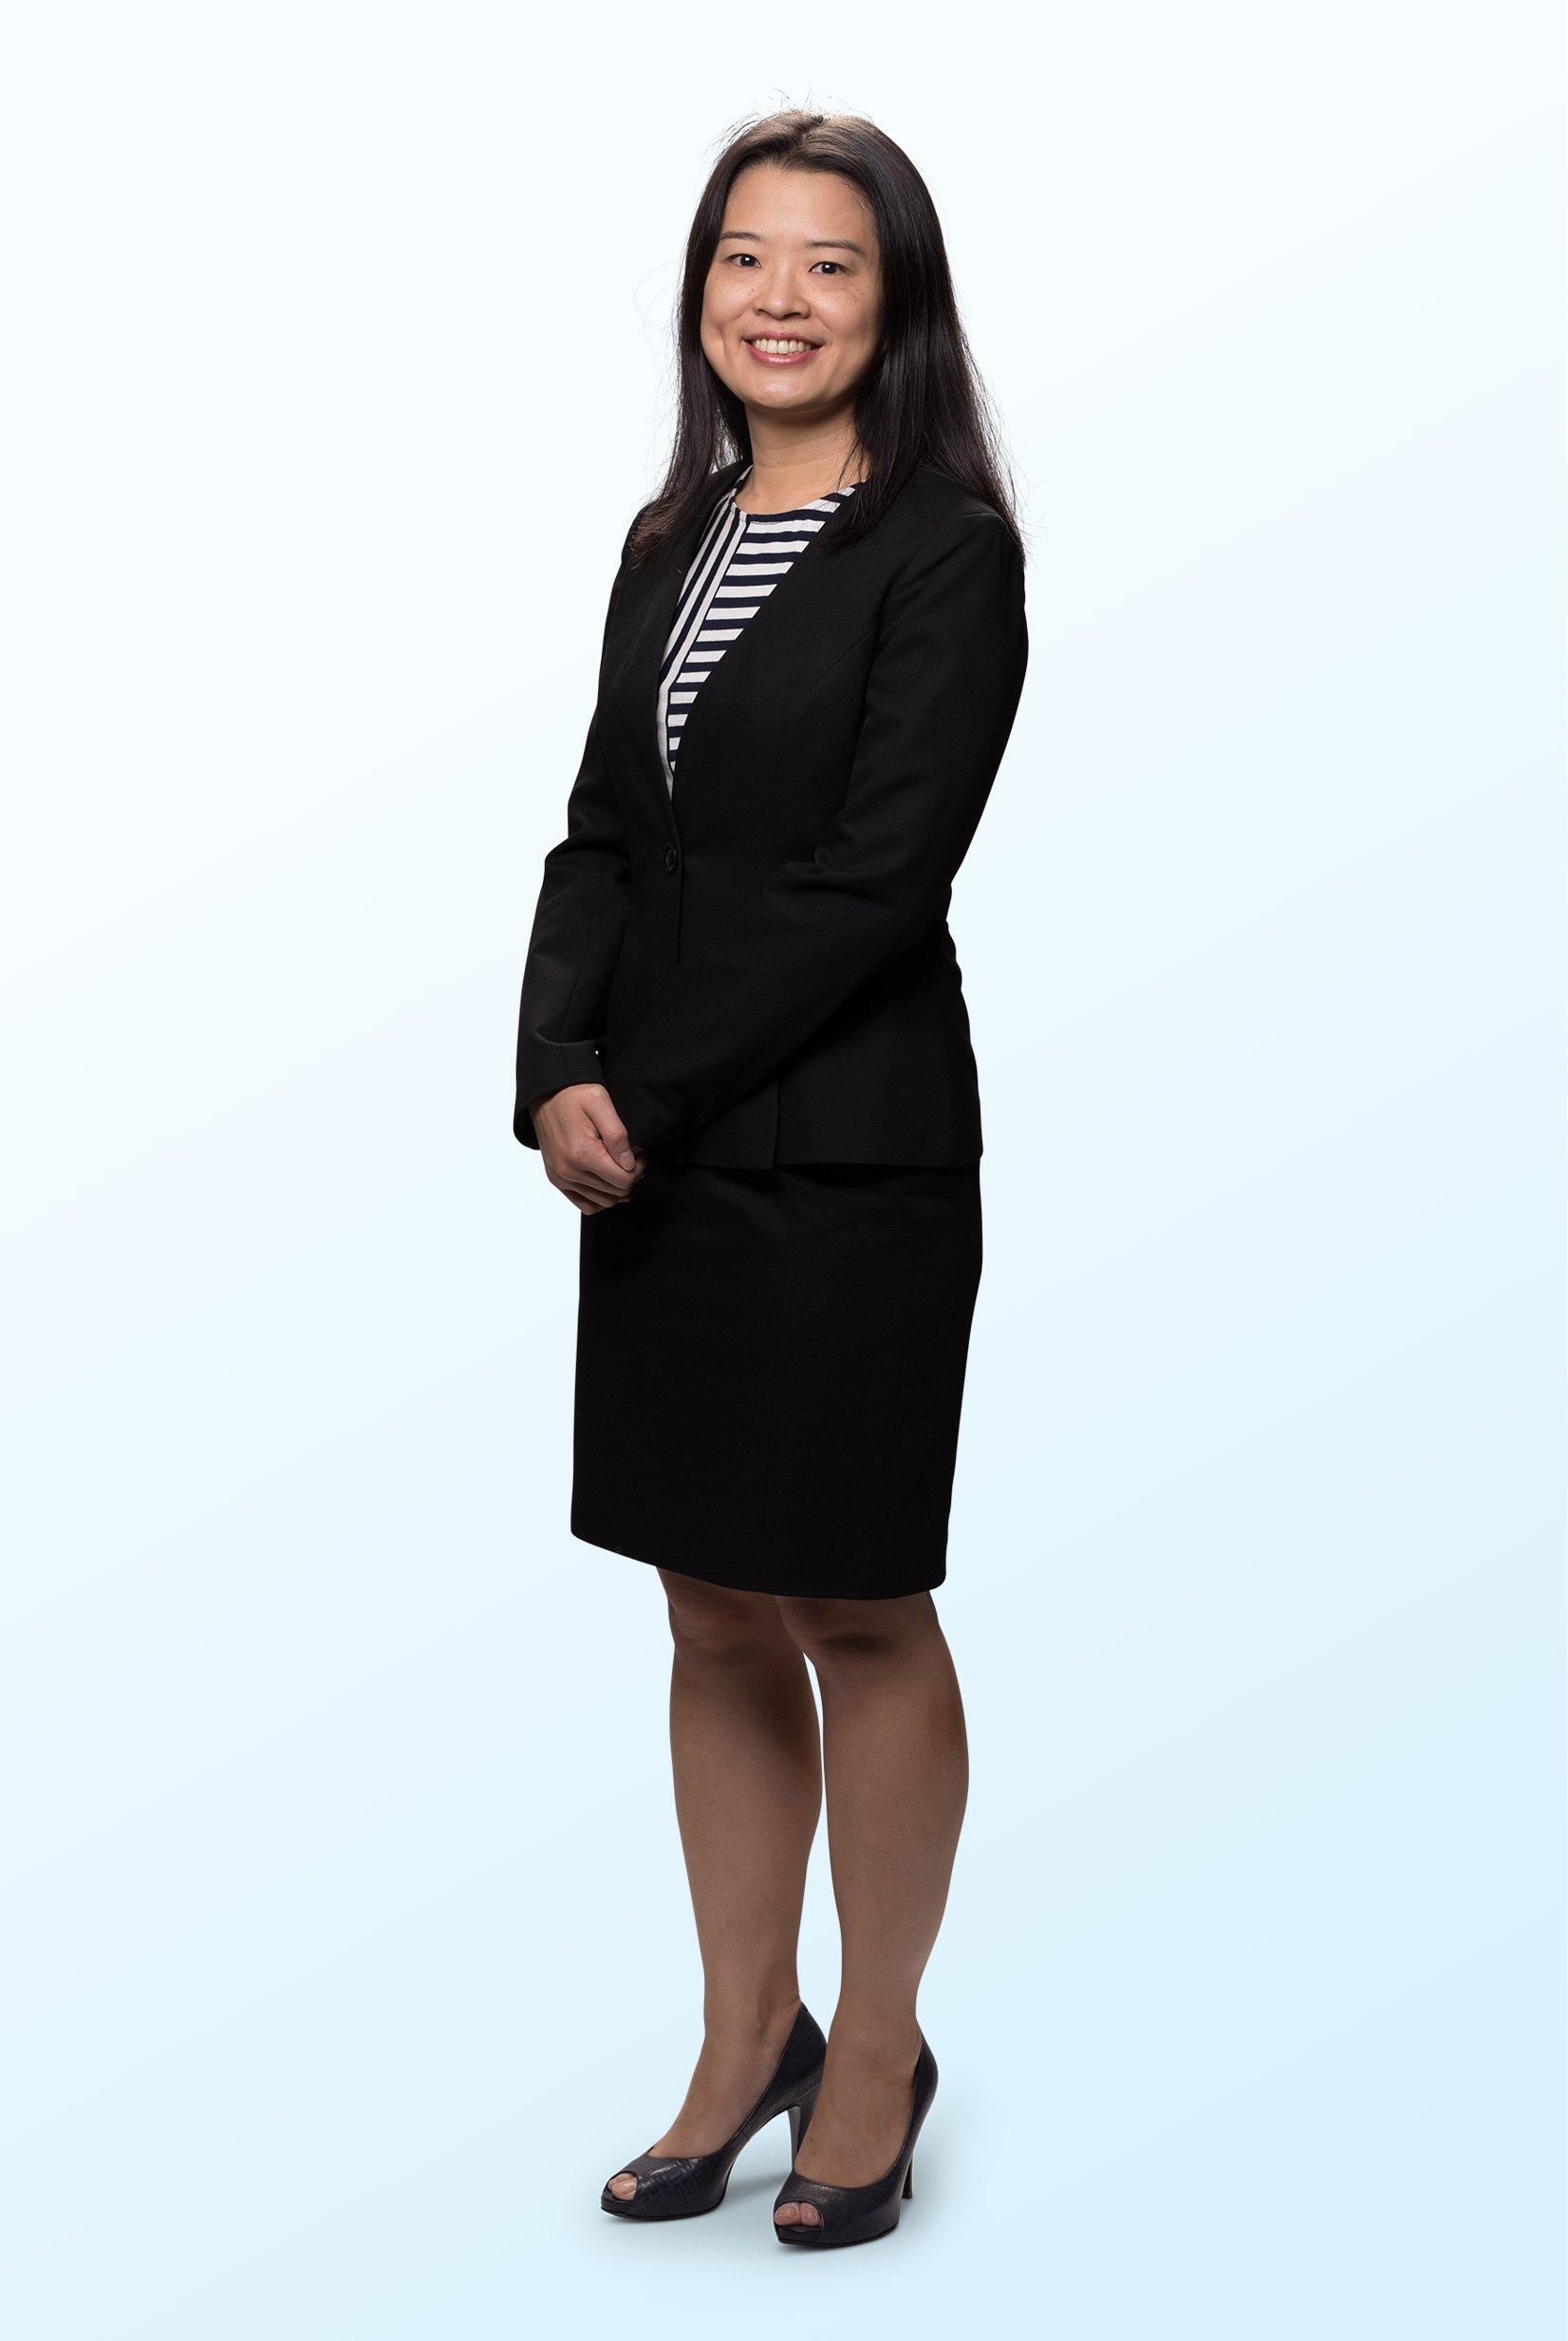 Lana-Huang